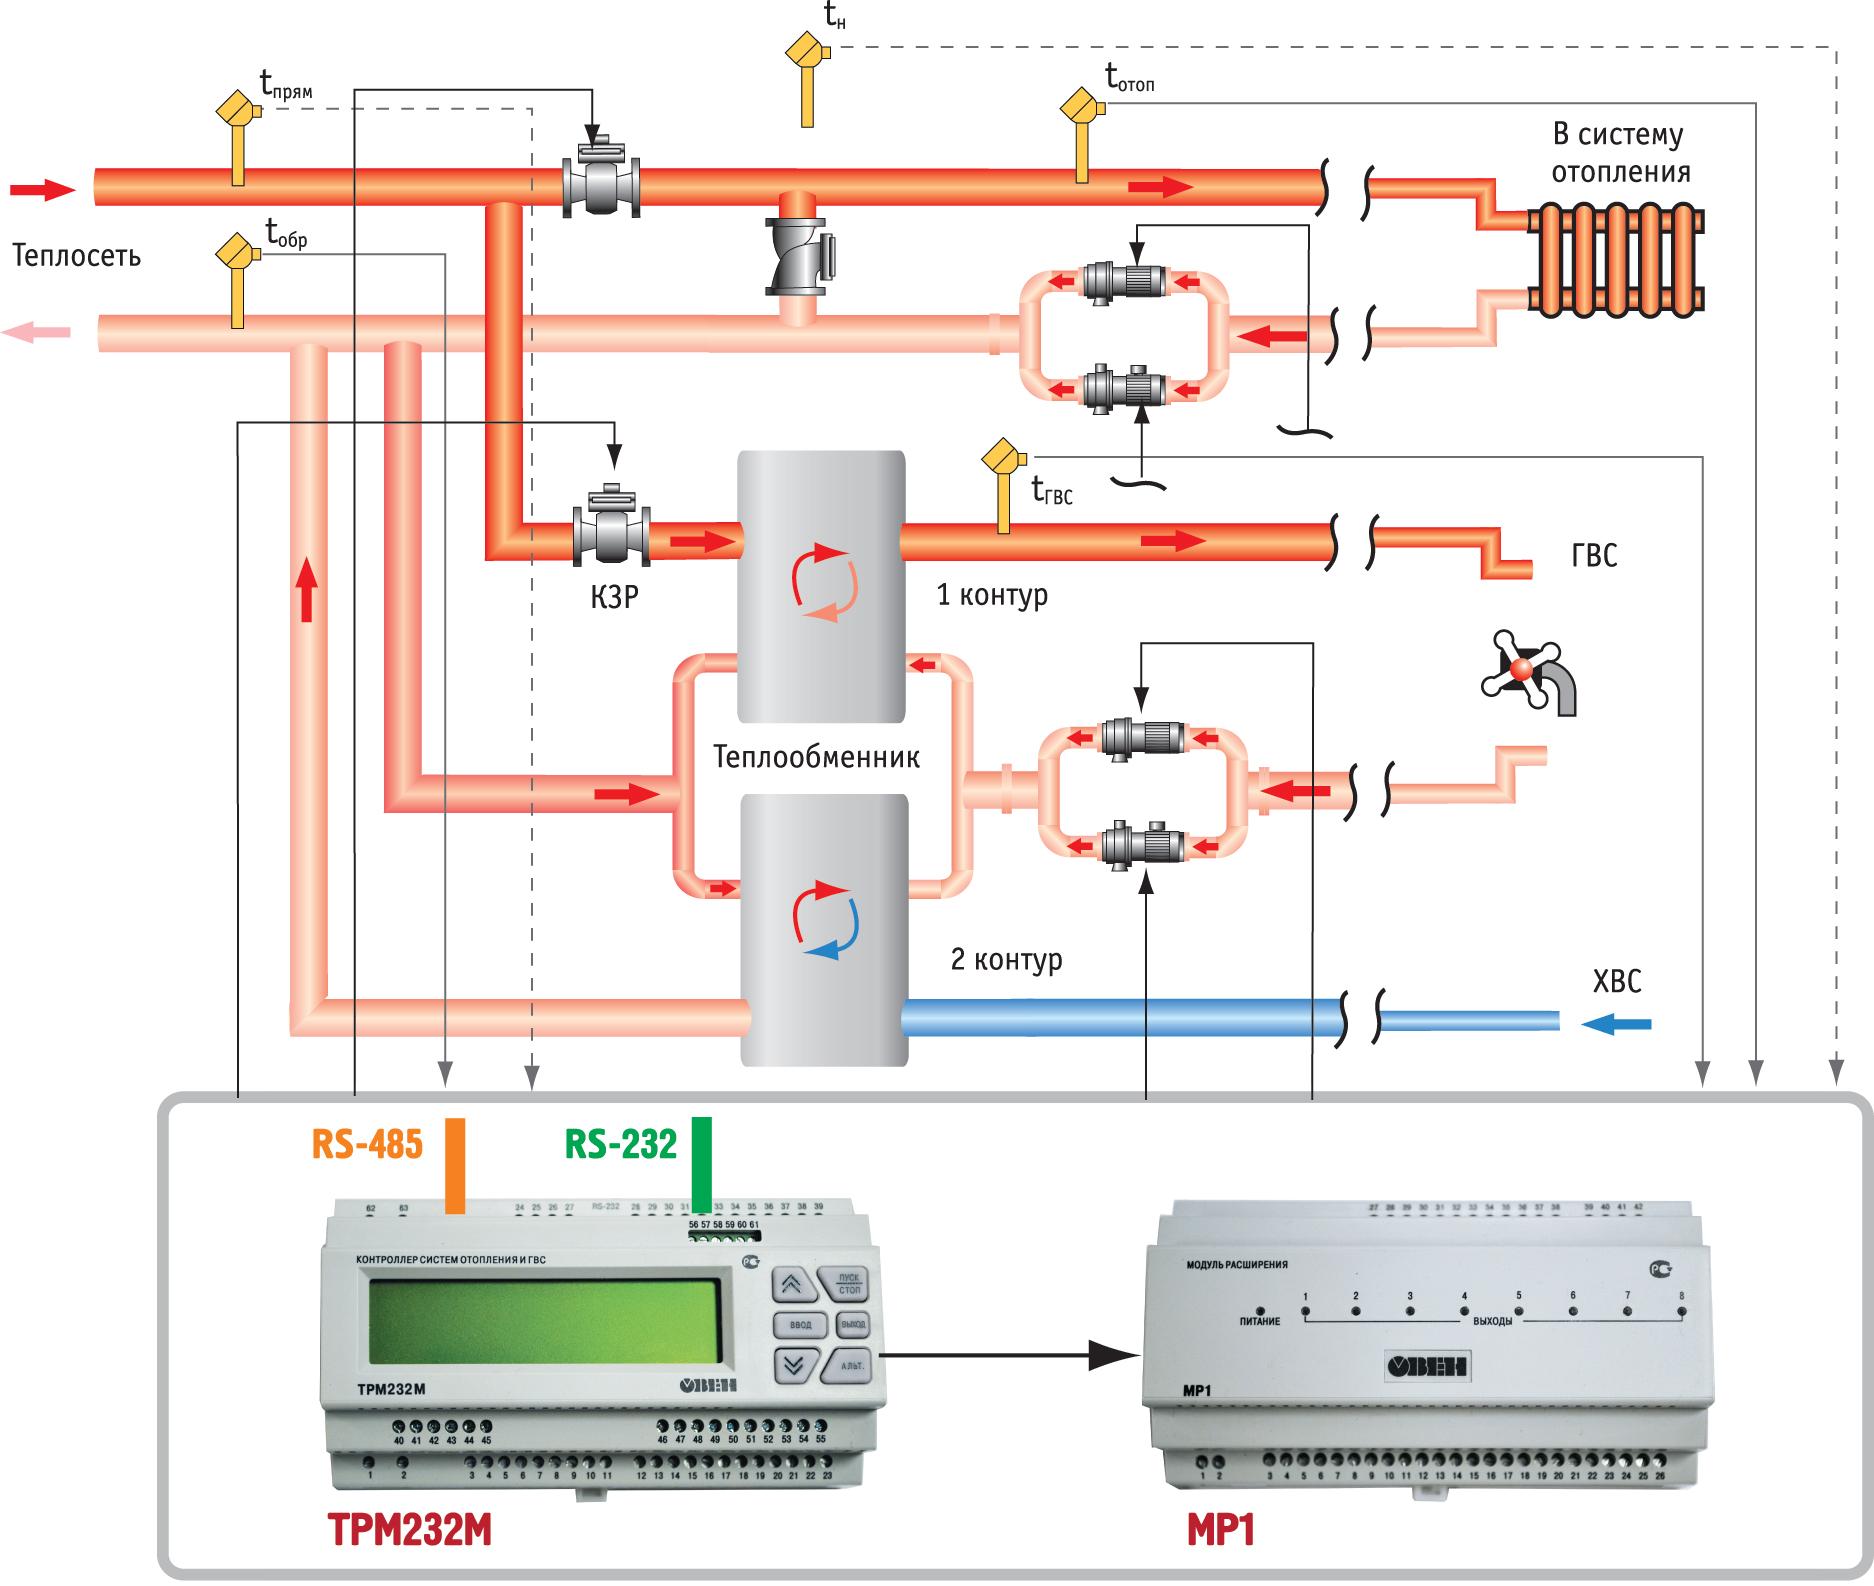 Функциональная схема управления для двухконтурных систем: контроллер ТРМ232М используется с модулем расширения ОВЕН МР1